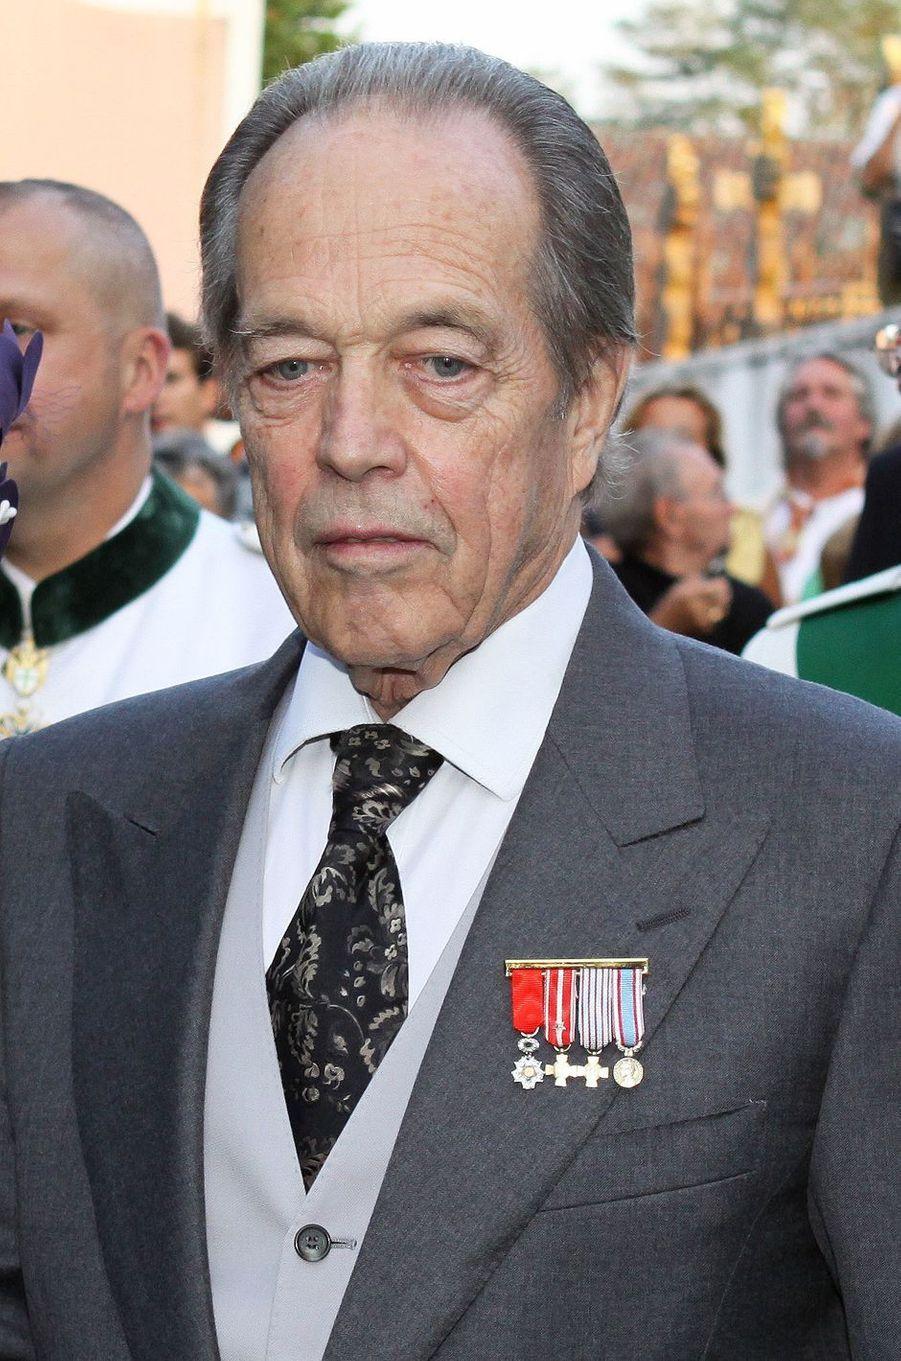 Henri d'Orléans, comte de Paris, le 26 septembre 2009